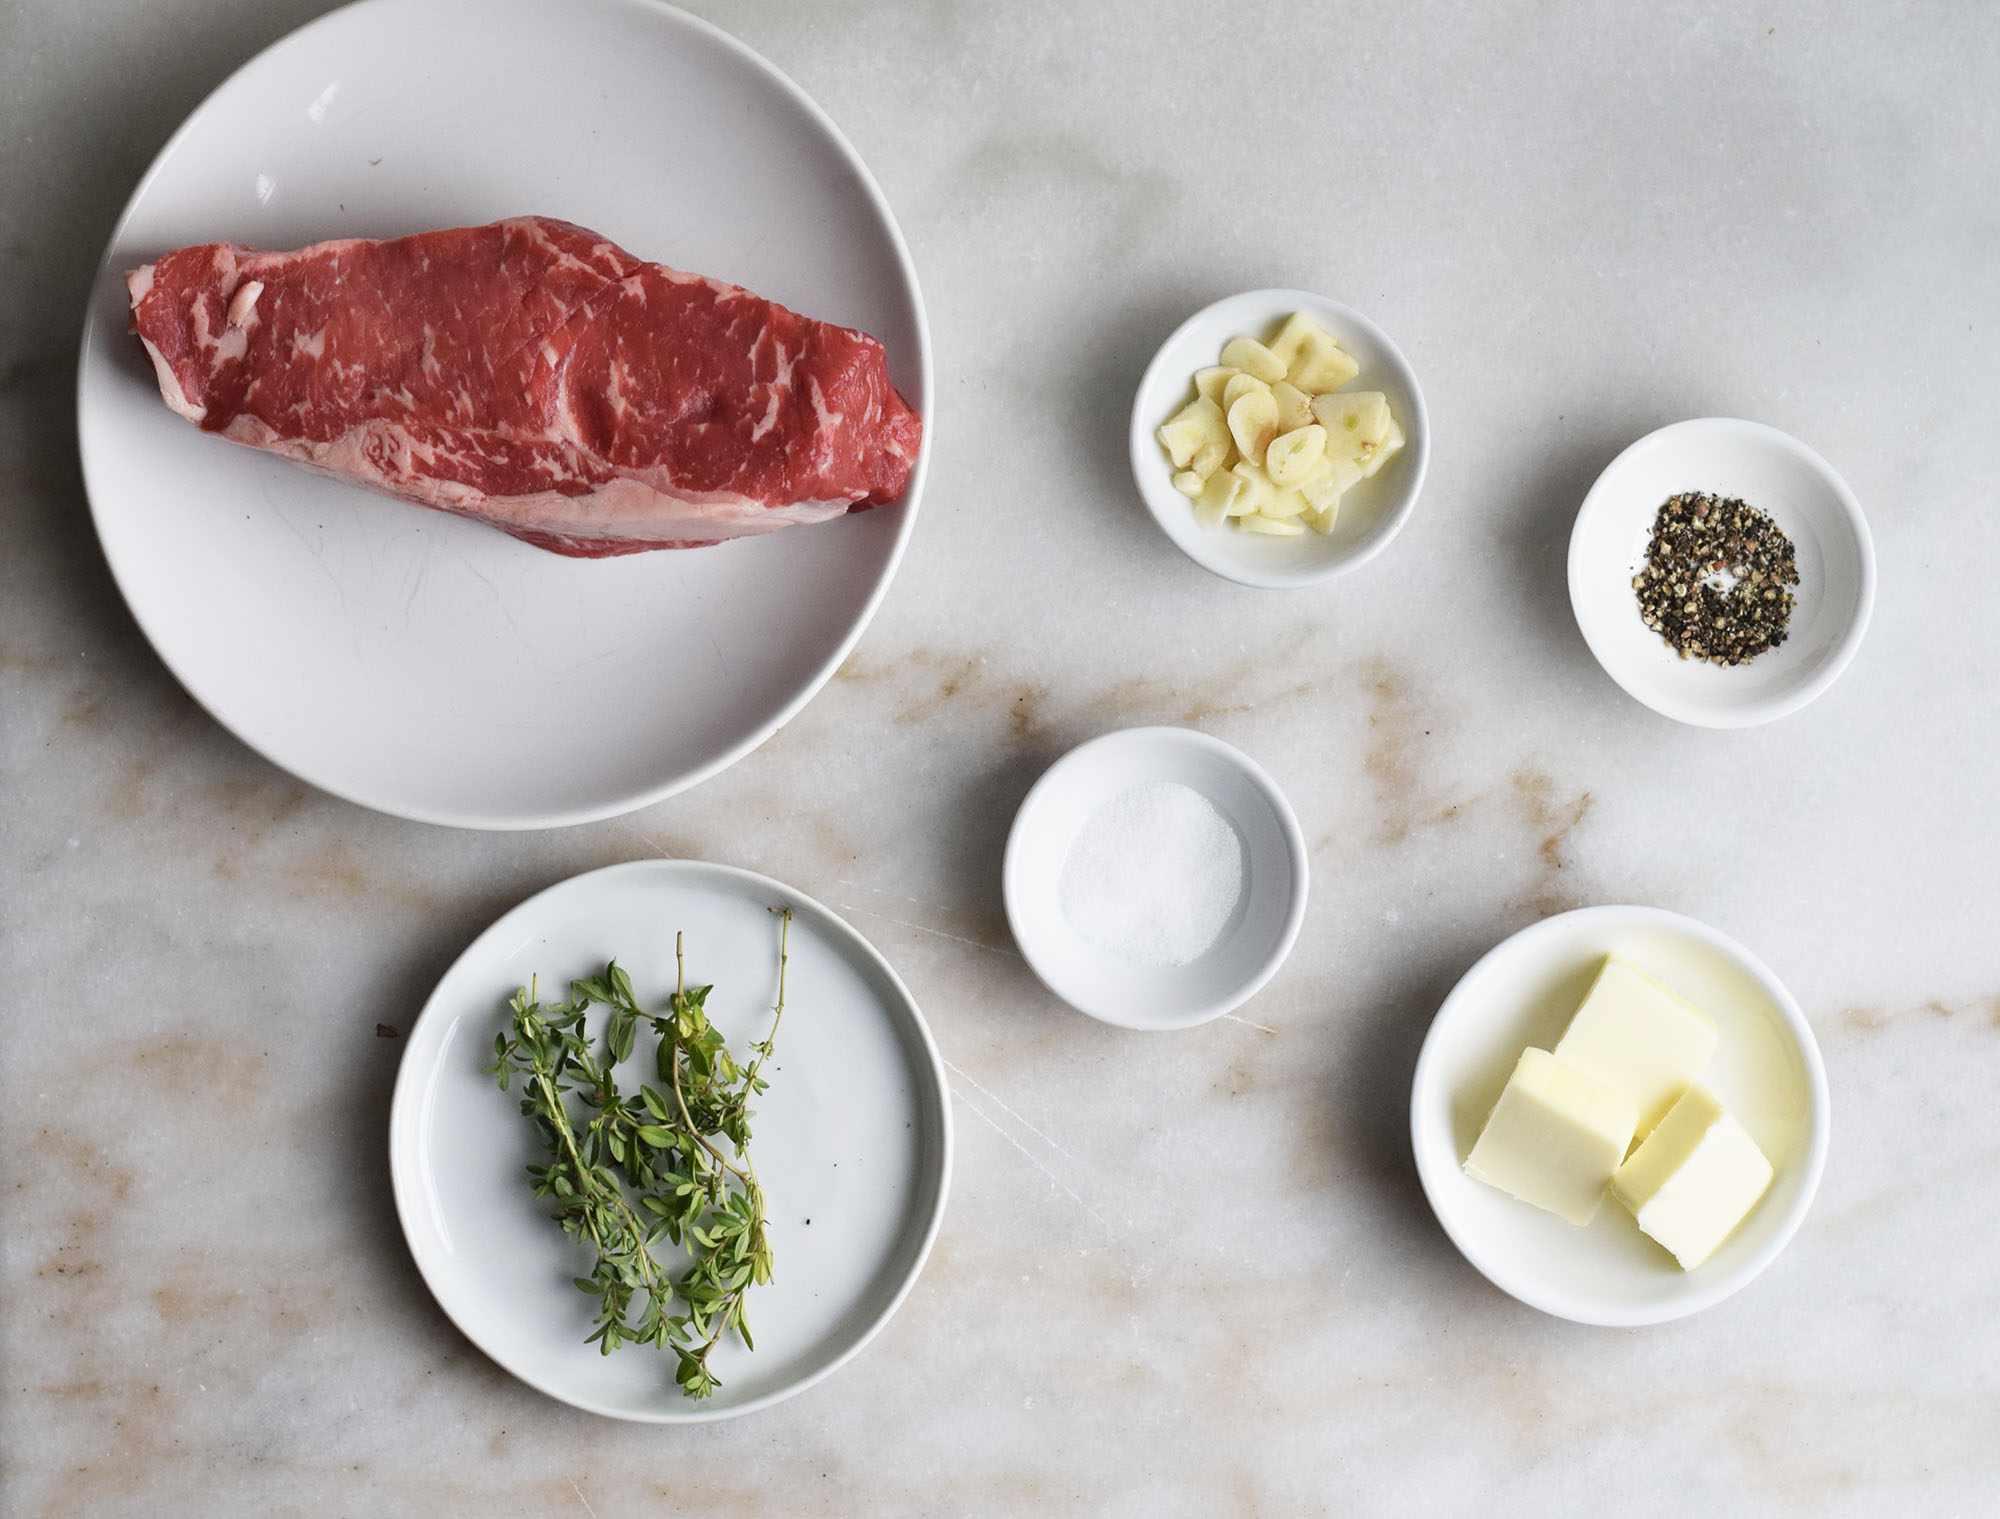 Sous vide steak ingredients